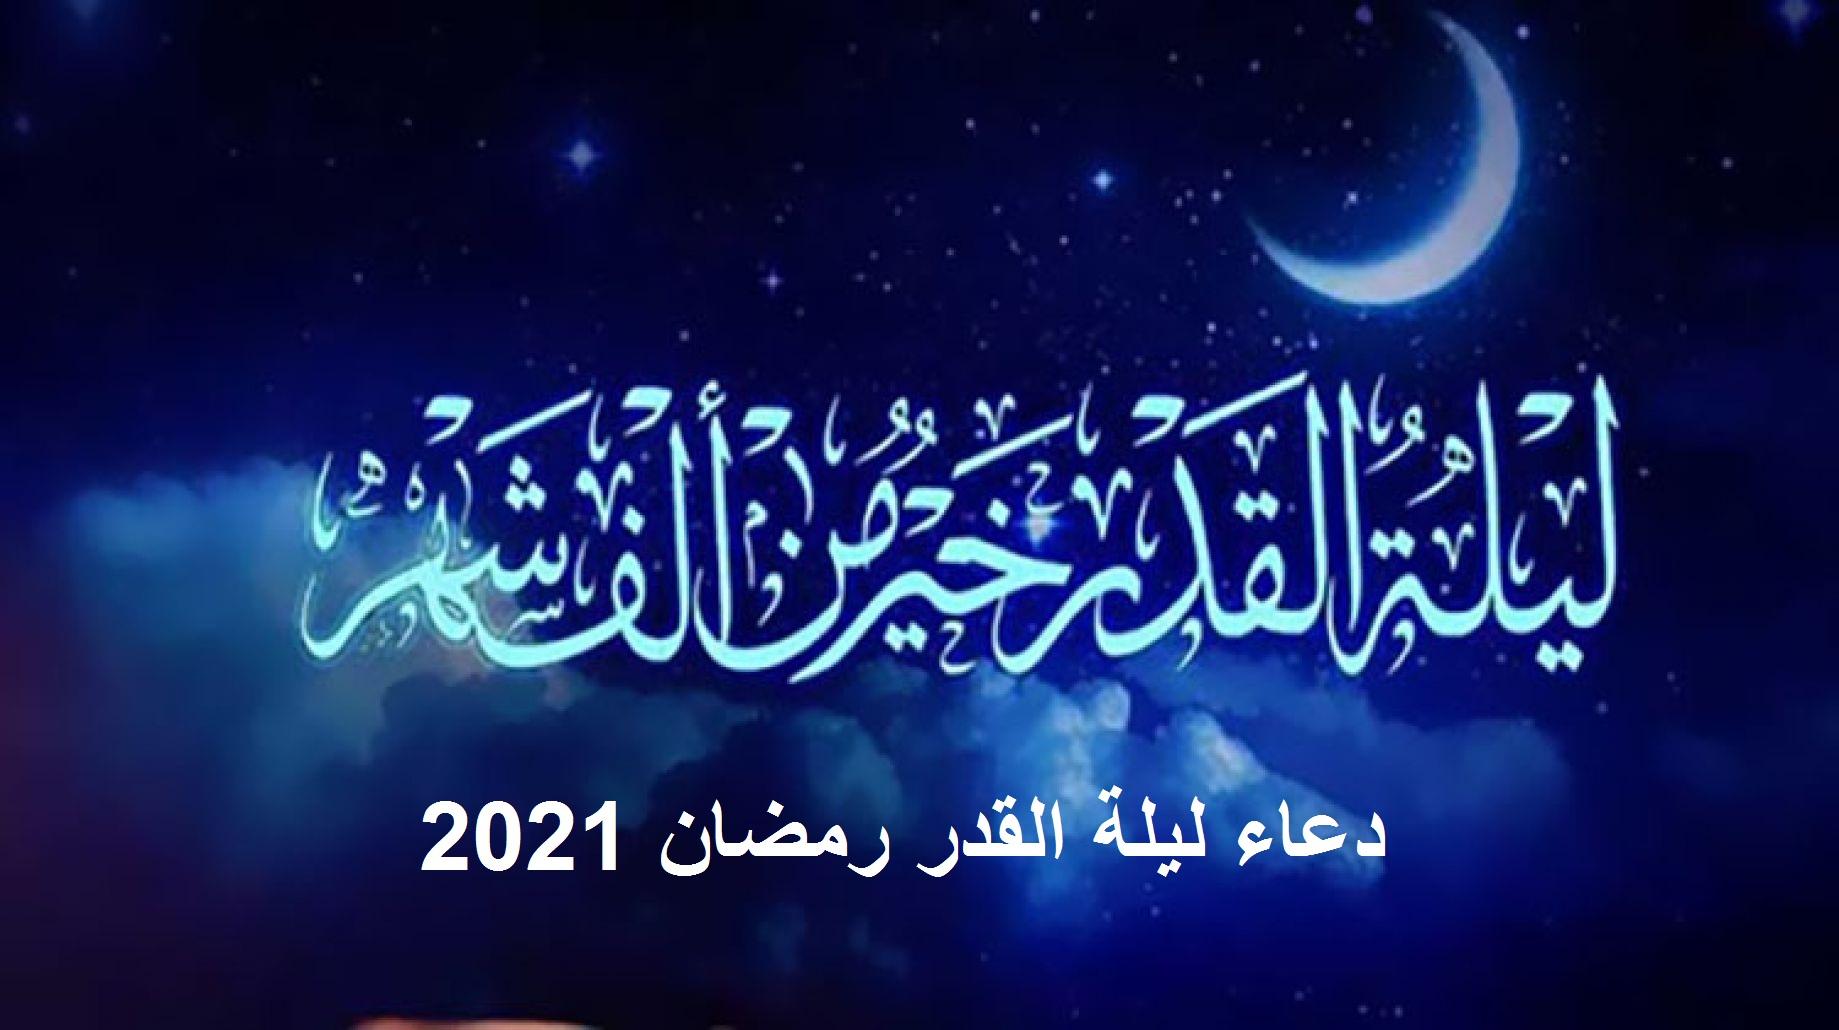 دعاء ليلة القدر الذي أوصى به النبي عليه السلام ودعاء ليلة 27 رمضان 3